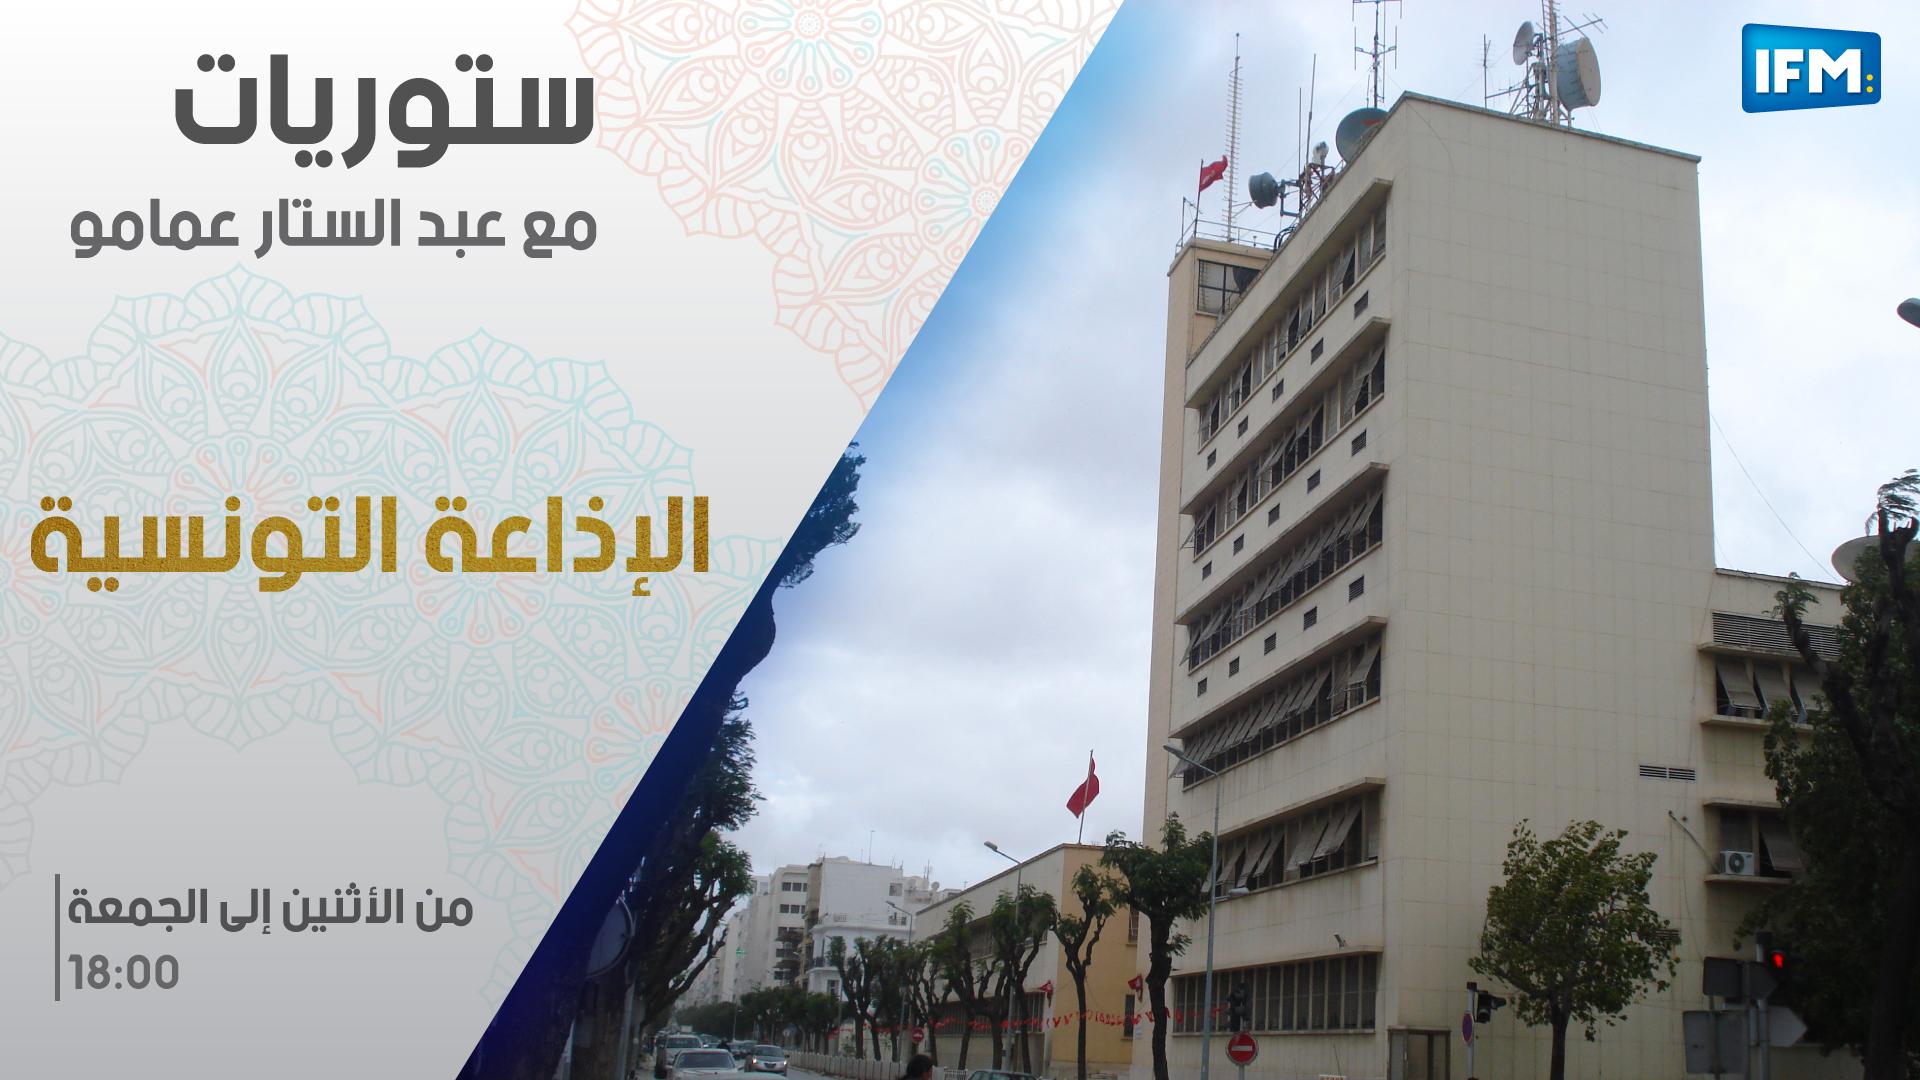 ستوريات مع ستورة  : الإذاعة التونسية